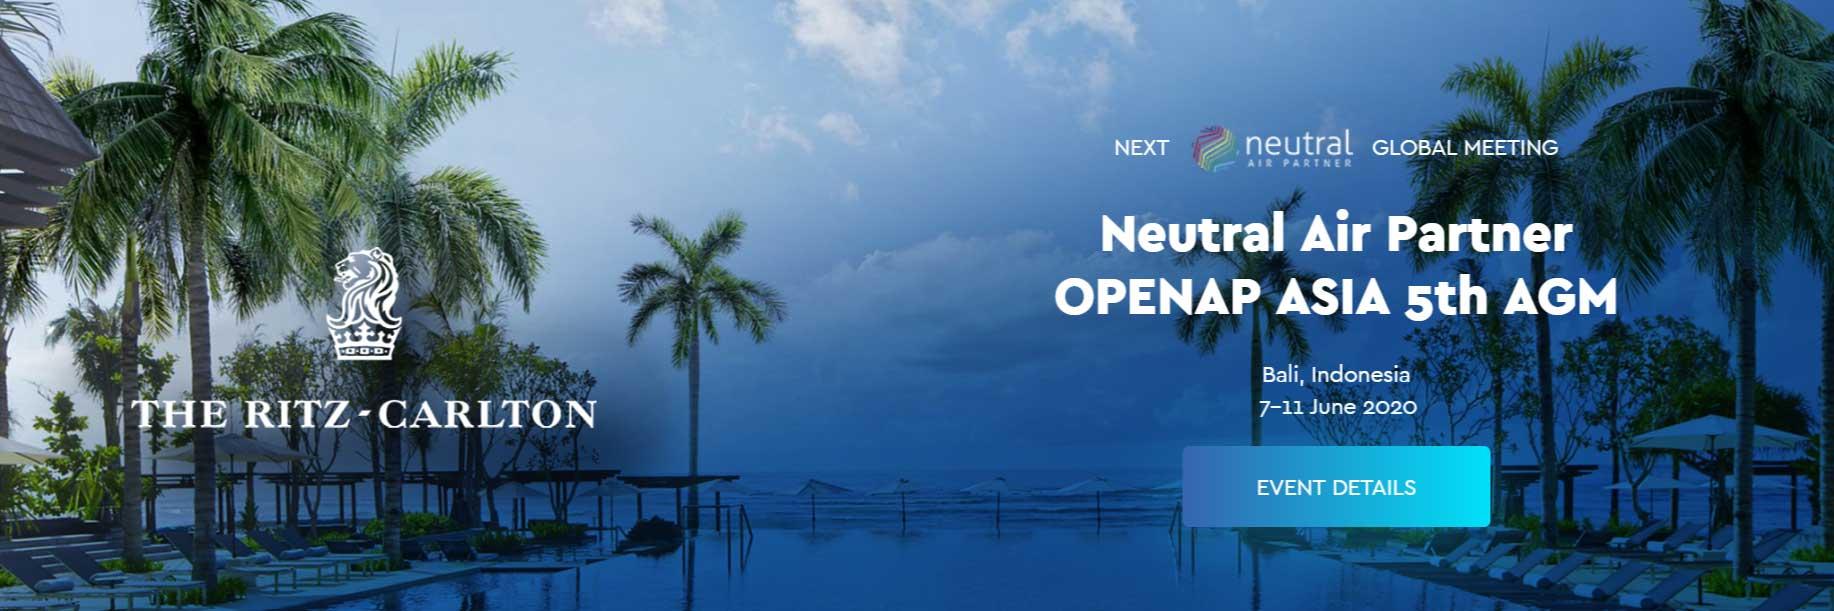 https://openap.neutralairpartner.com/wp-content/uploads/2019/08/Openap2020.jpg